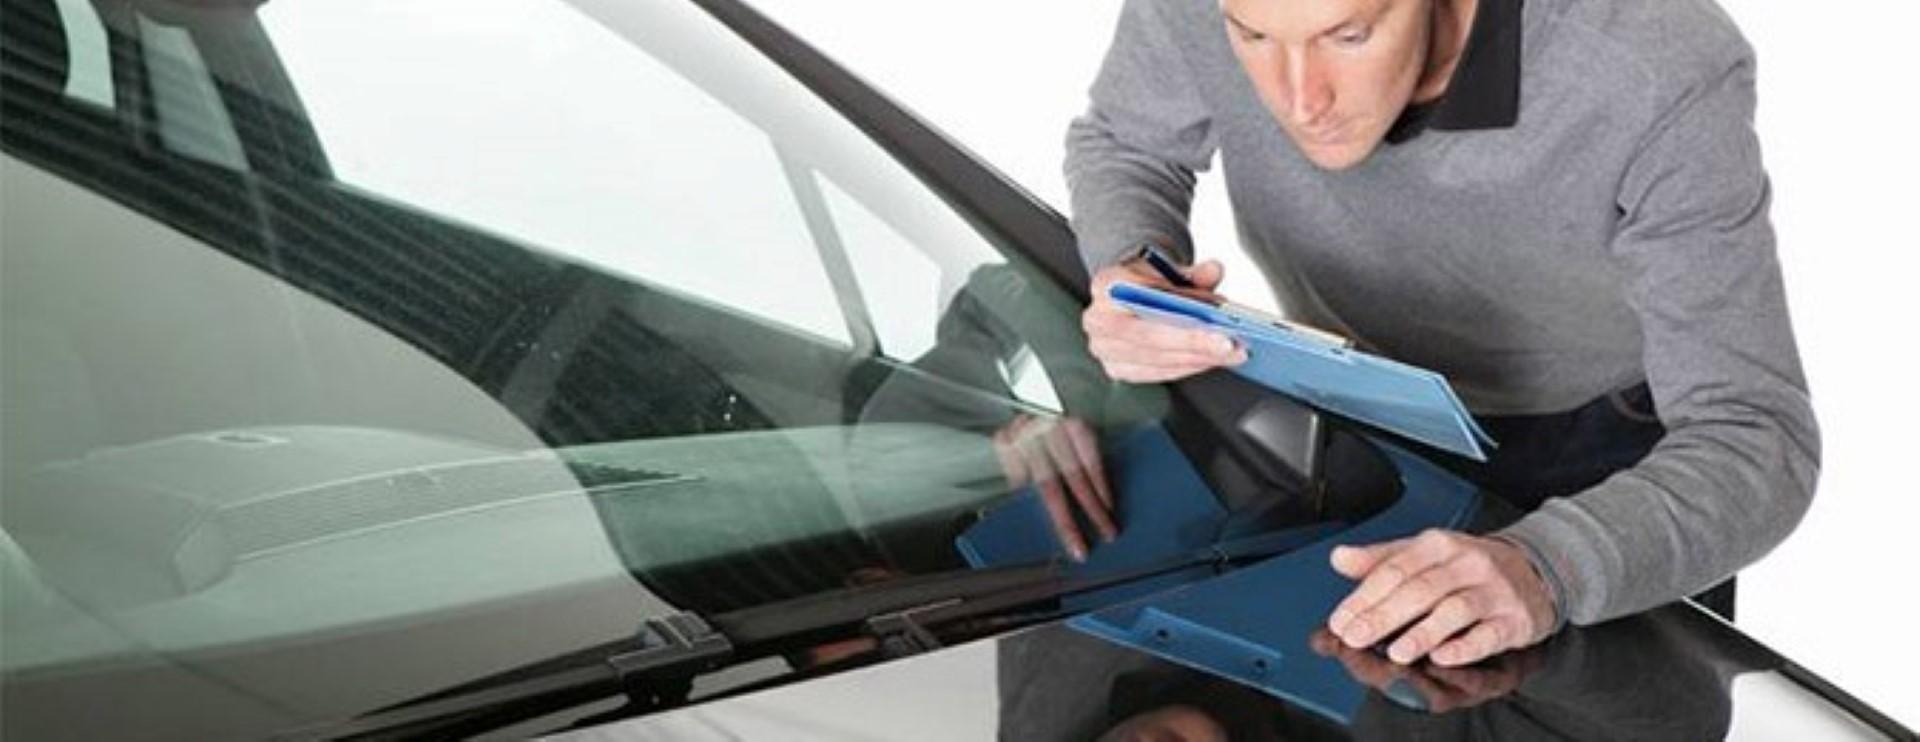 Заполнение путевых листов легковых автомобилей с штампом медработника